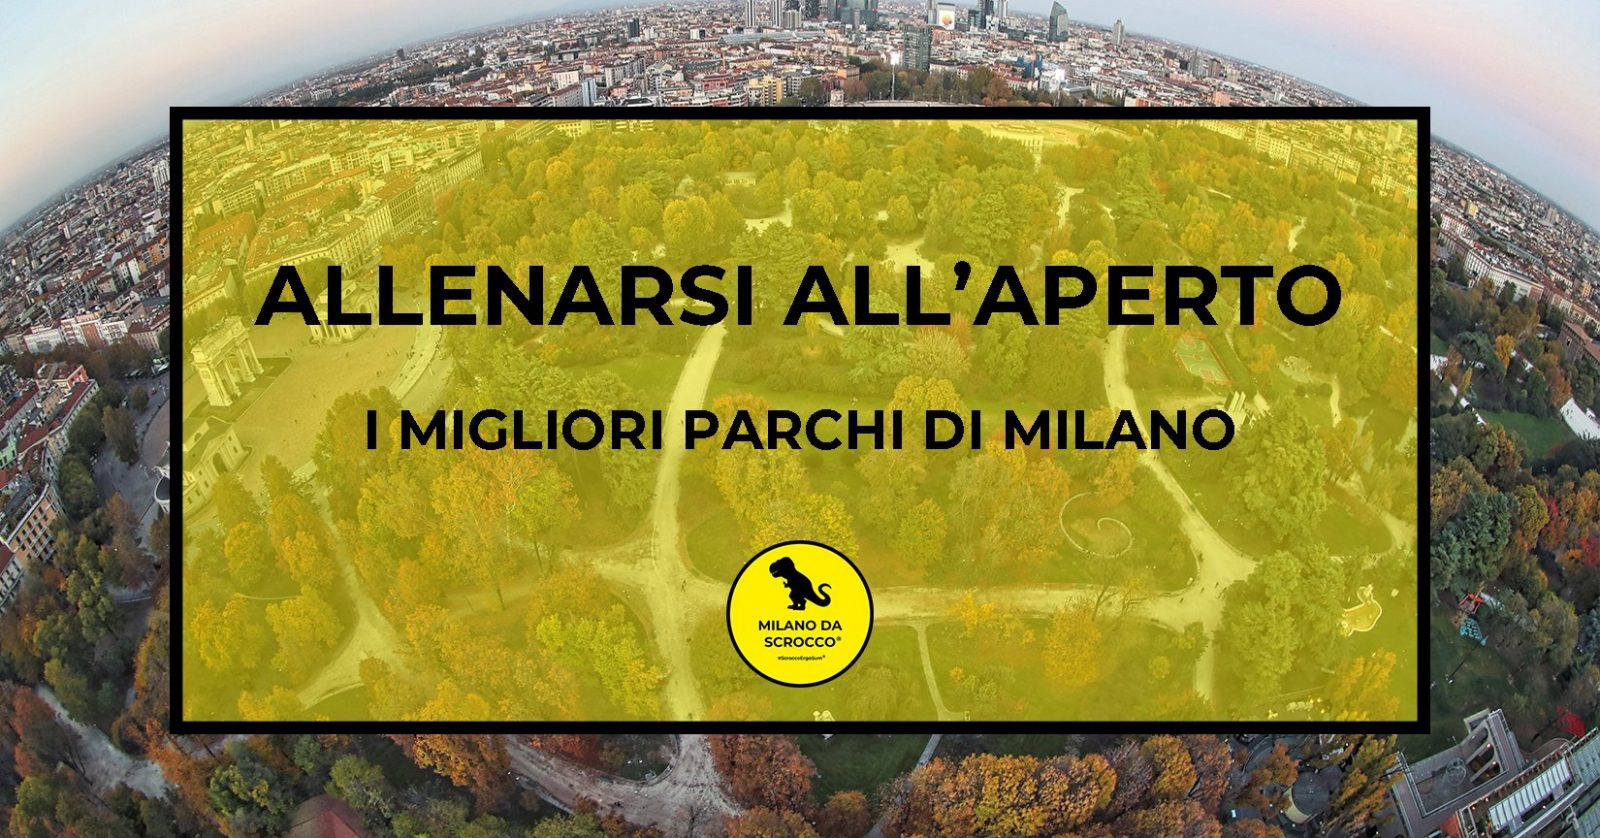 Allenarsi all'aperto: i migliori parchi di Milano